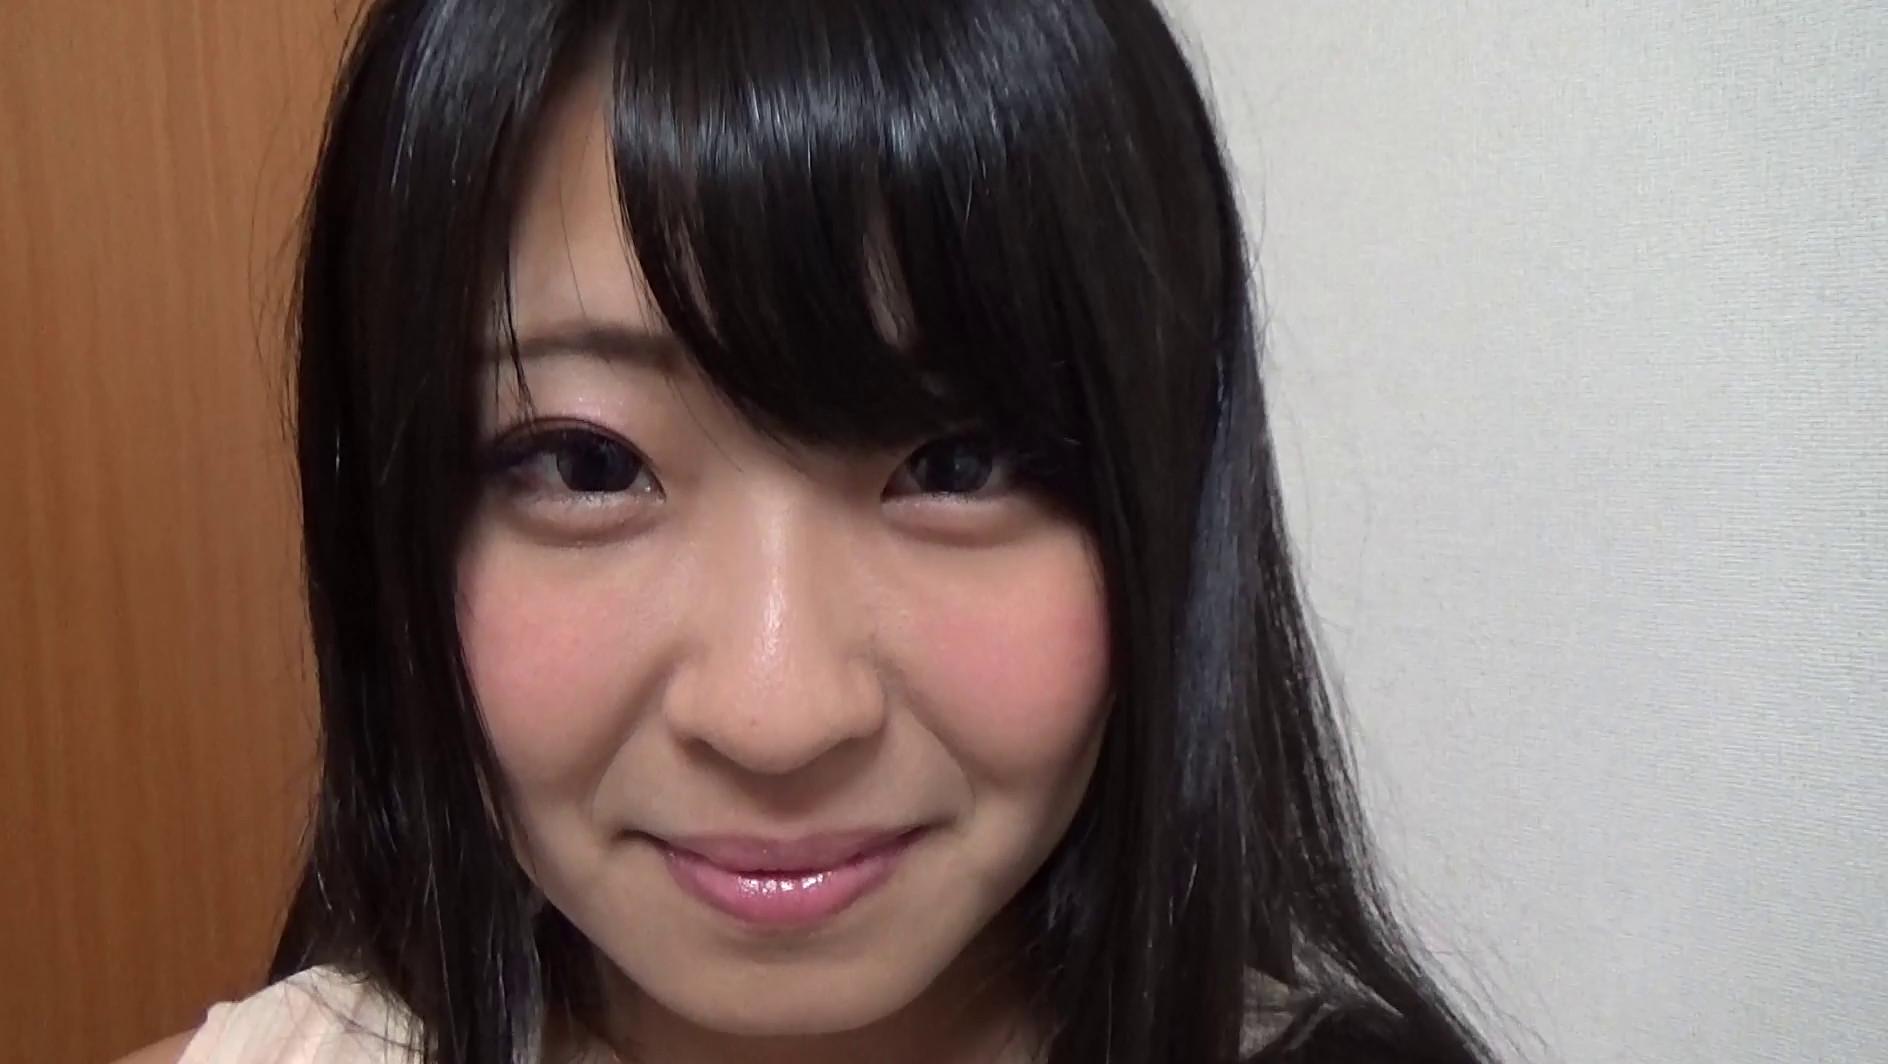 完全ドキュメント!現役グラビアアイドル玄関開けたら2分で極エロデビュー! アユミ